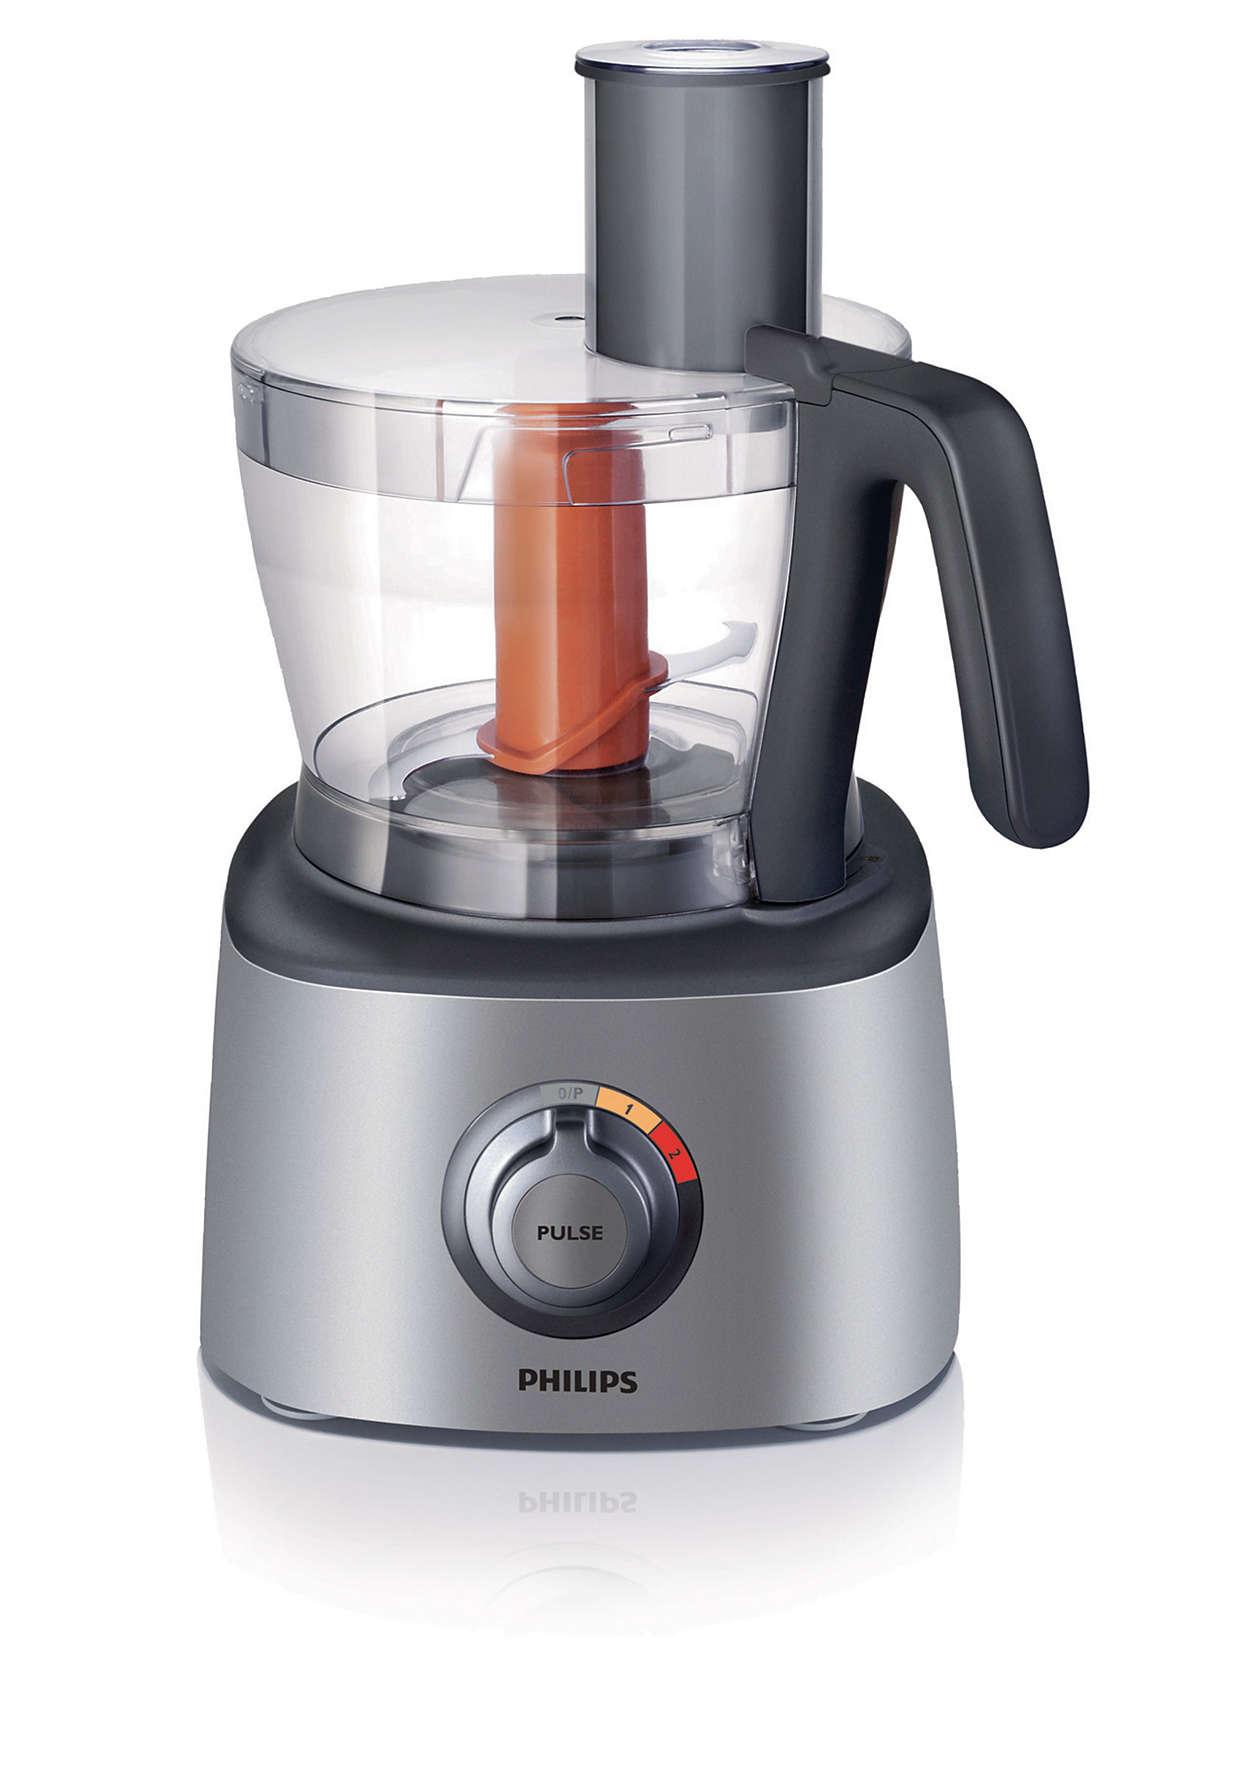 Robot de cuisine hr7771 53 philips for Robot cuisine philips